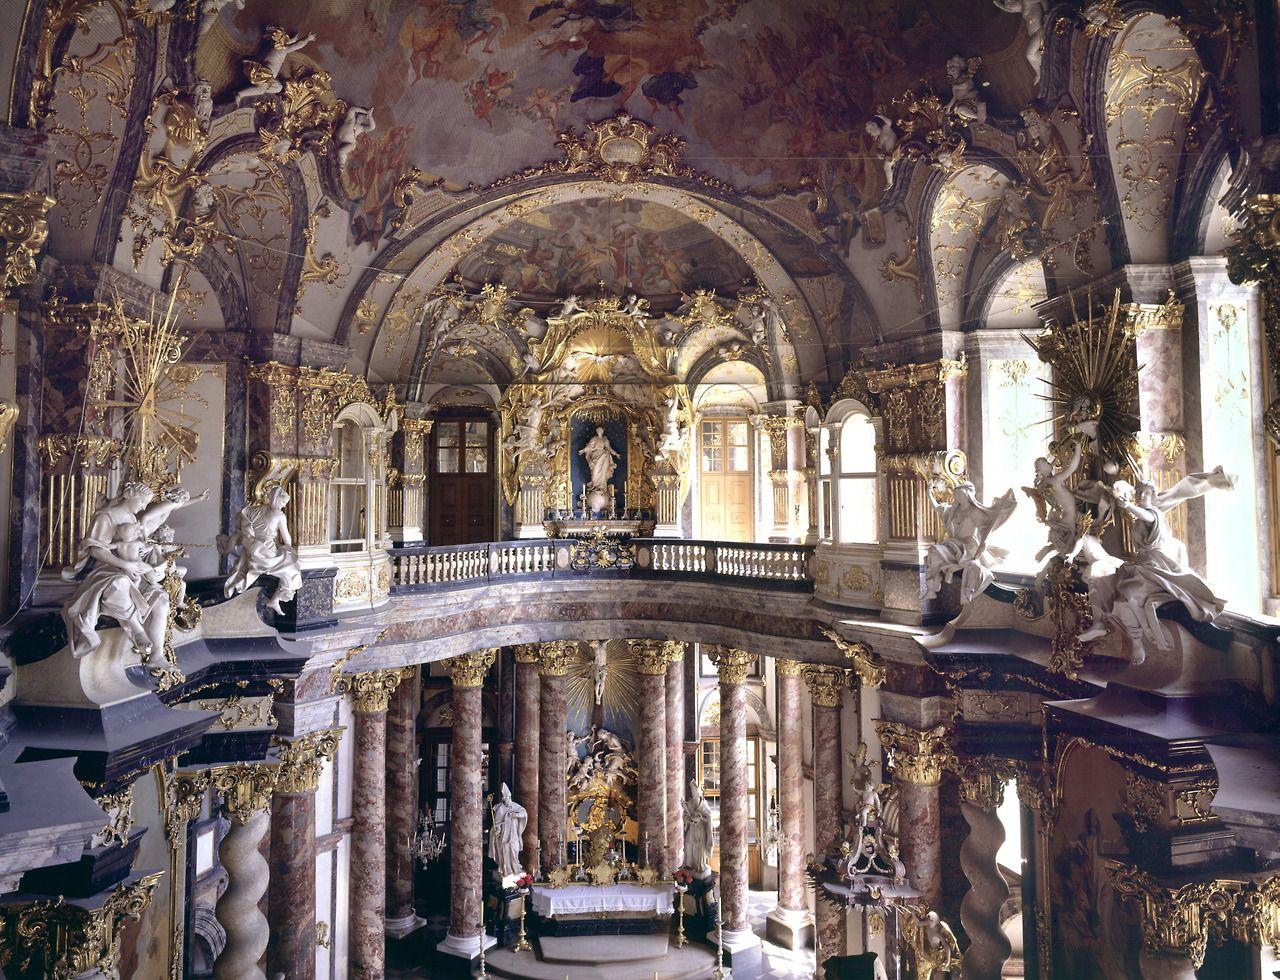 Bayerische Schlosserverwaltung Residenz Wurzburg Aktuelles Schone Gebaude Barocke Architektur Sakrale Architektur